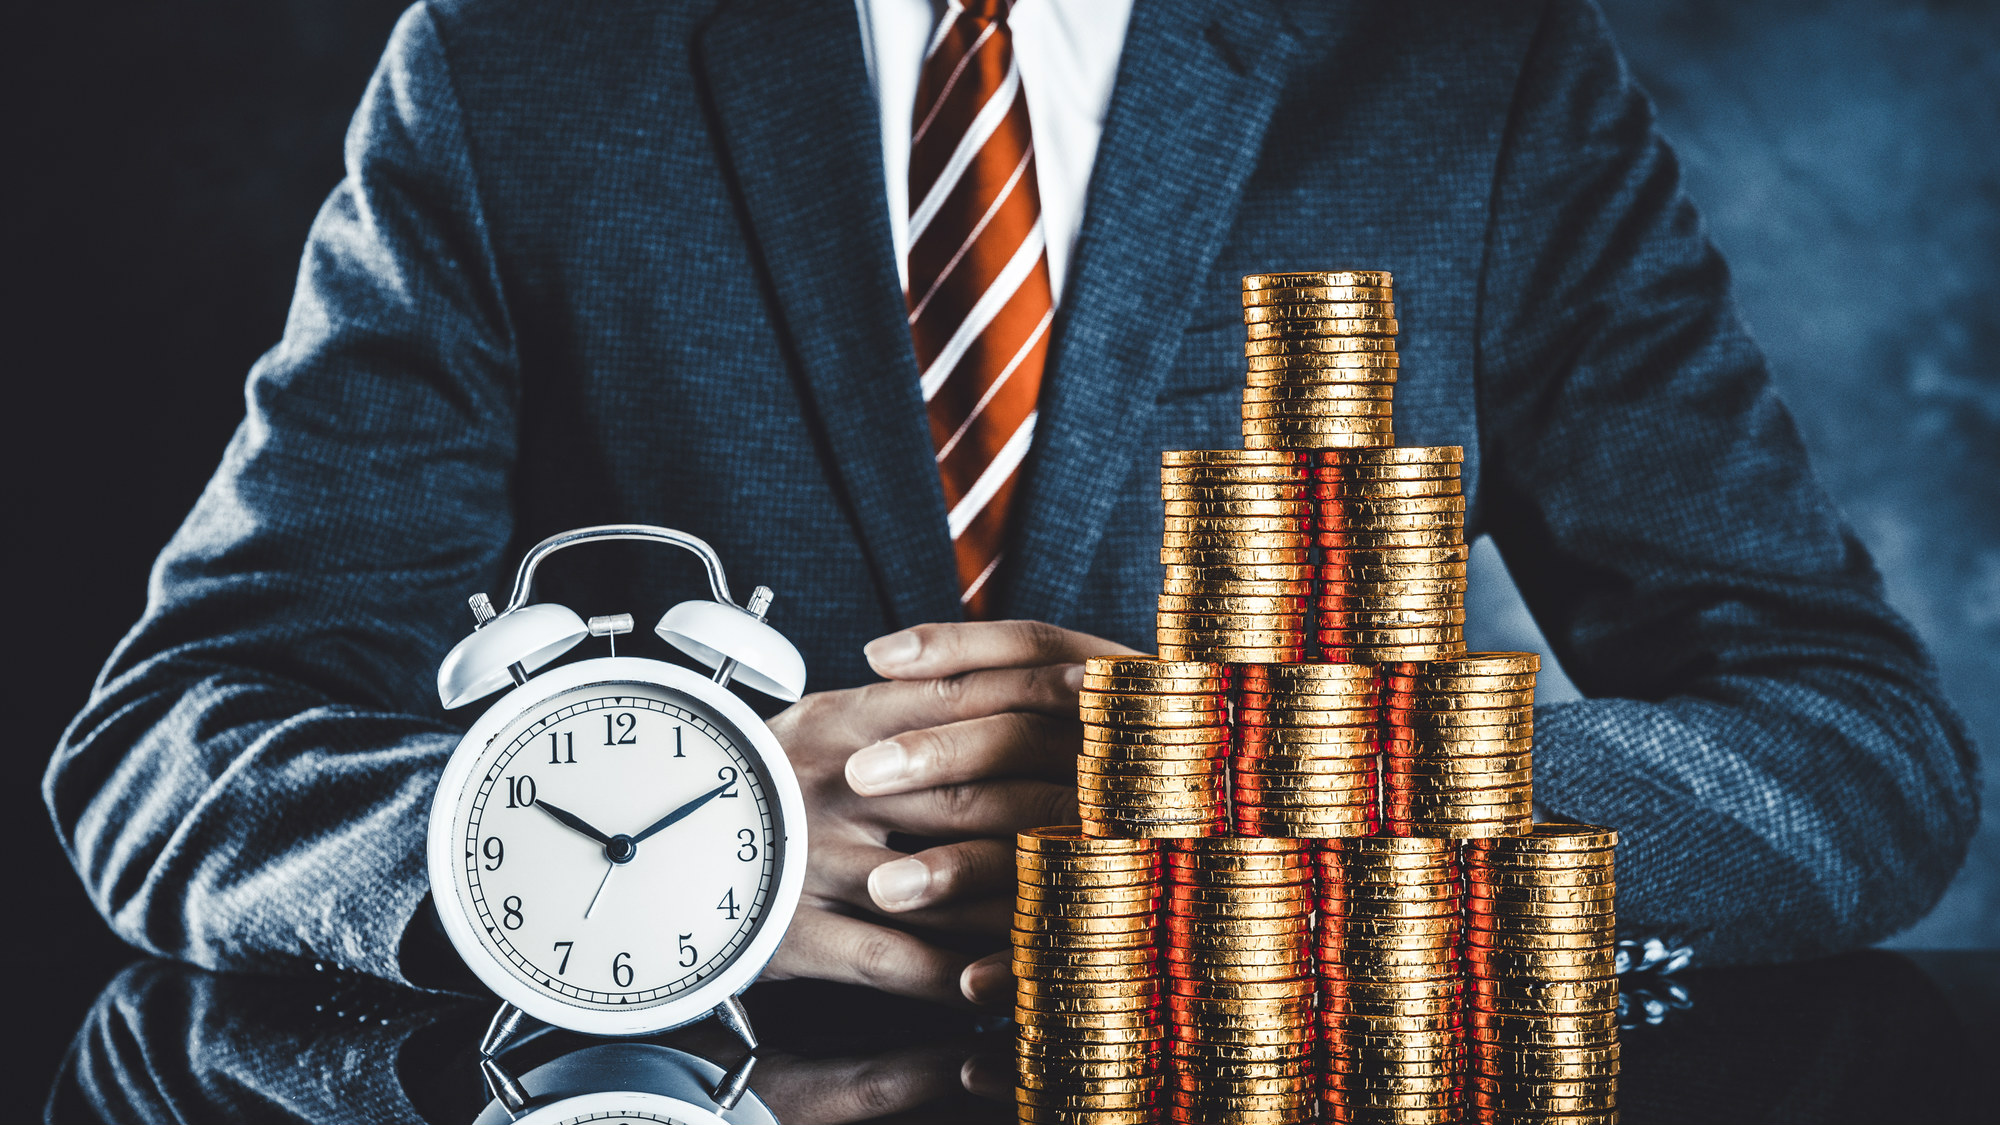 資産5億円超の超富裕層はどんな金融商品を買っているのか?